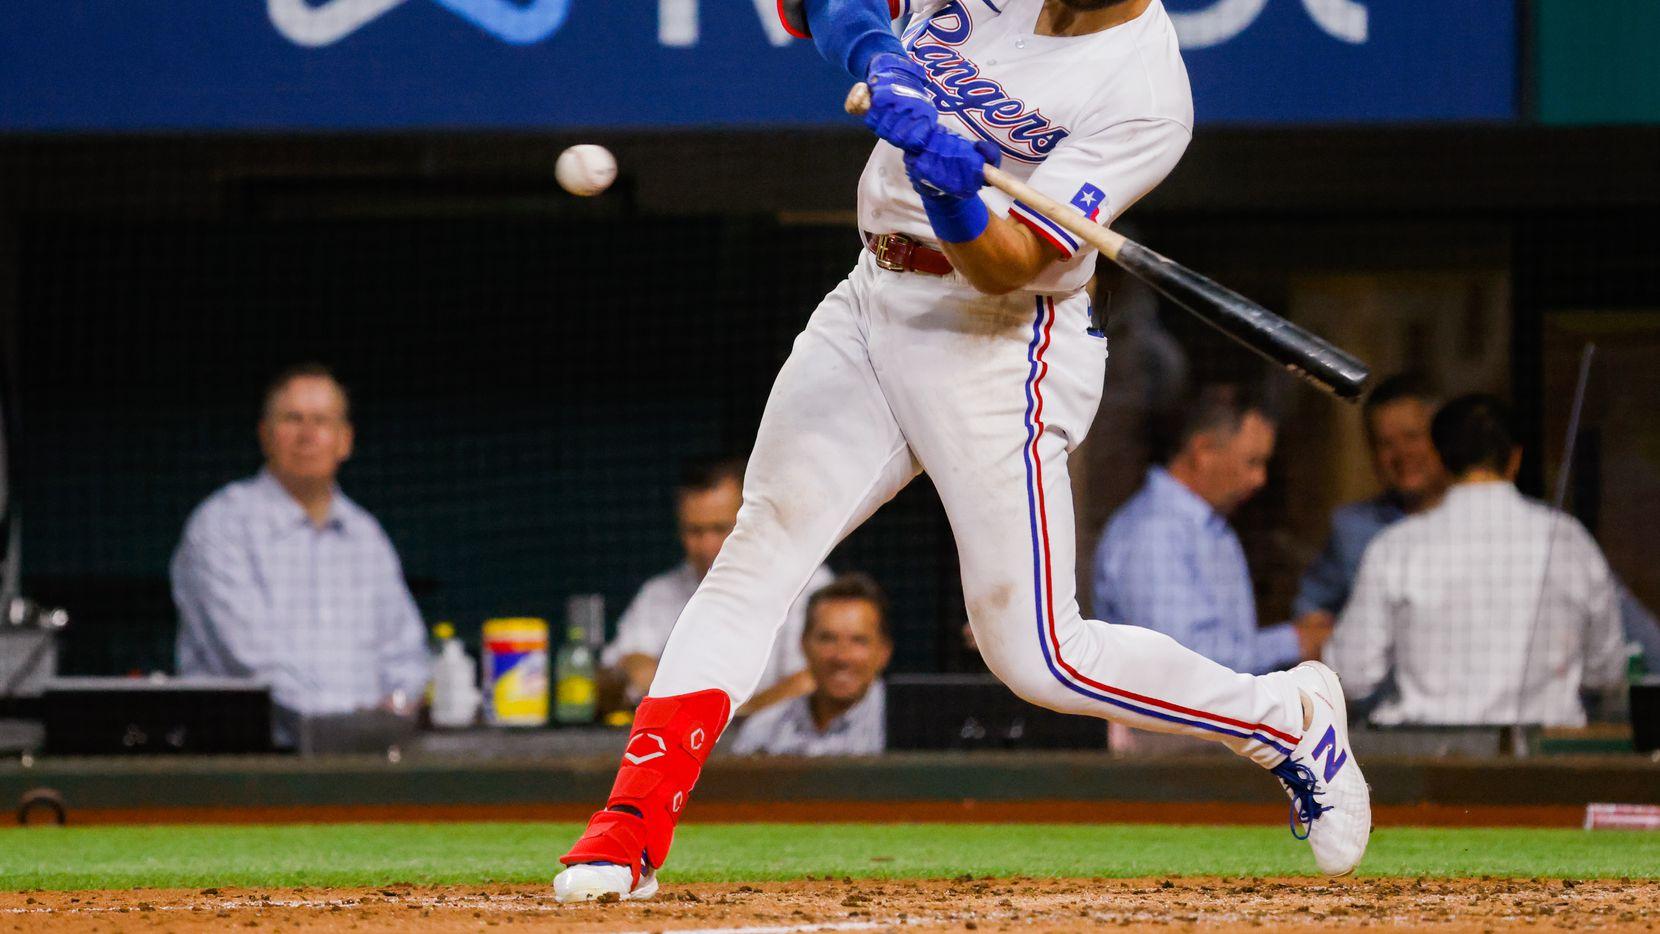 El jugador de los Rangers de Texas, Joey Gallo, ha cambiado su forma de atacar sus turnos al bate pero eso le ha costado sumar cuadrangulares.